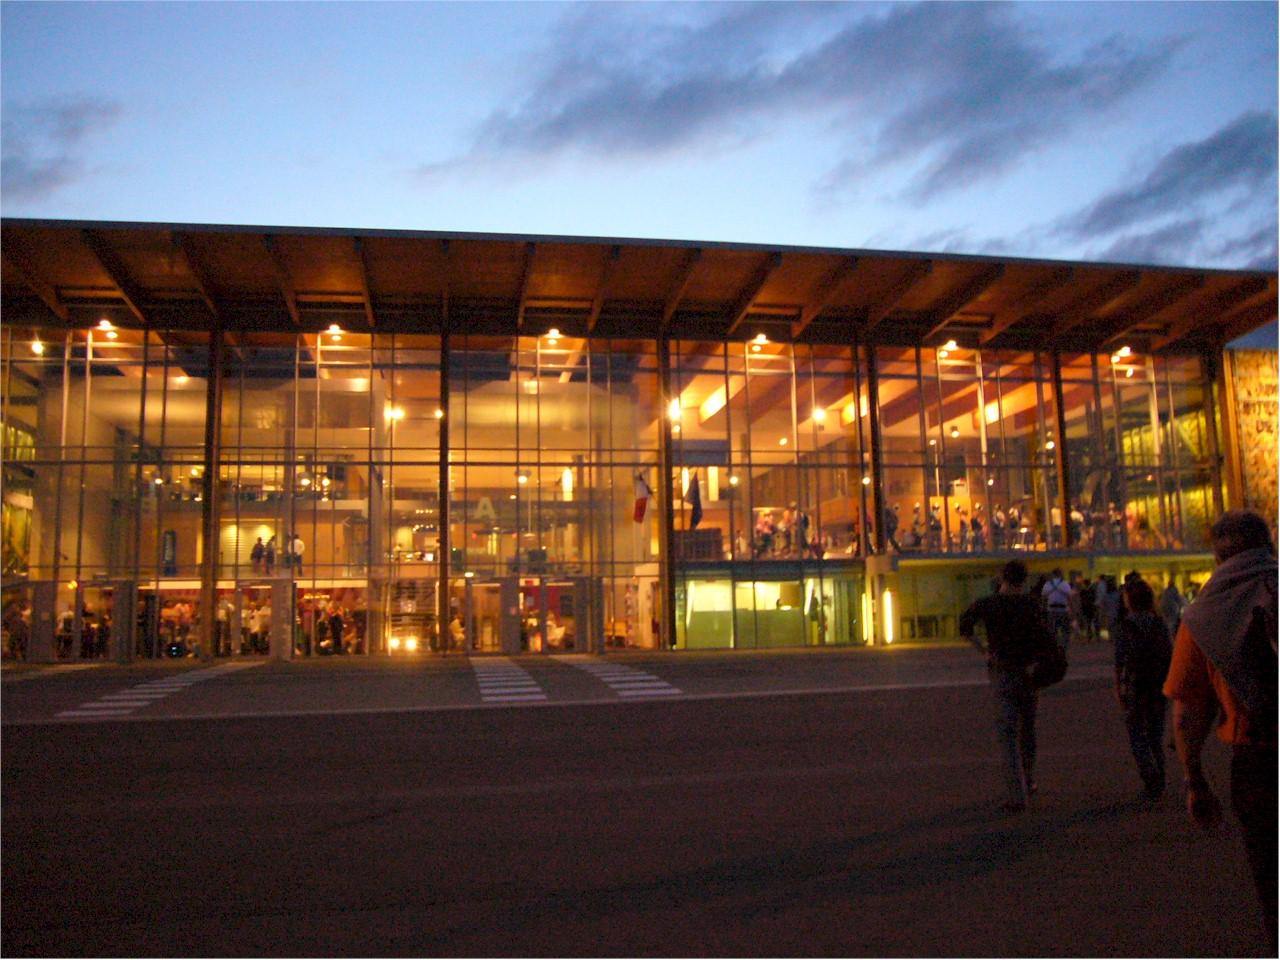 Limoges-Bellegarde-Airport